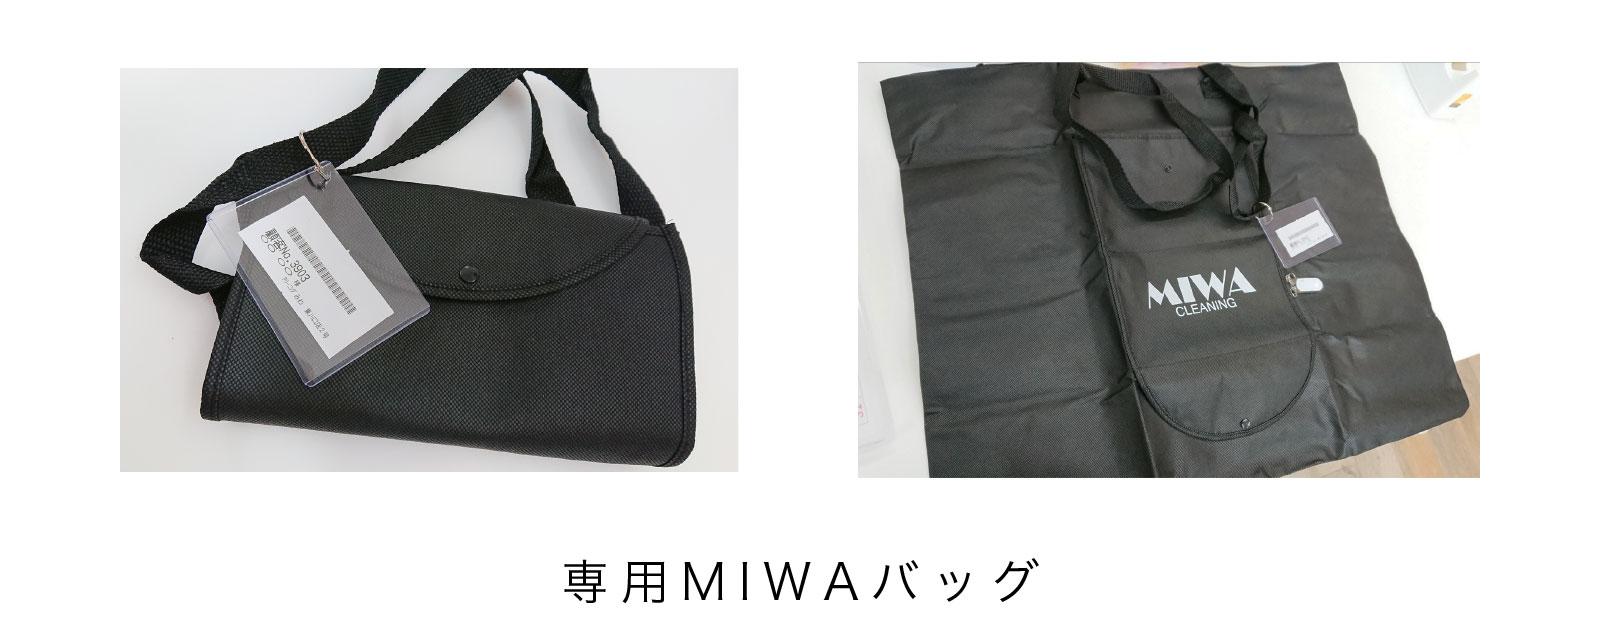 24時間受付・引き取りBOXルーム 専用MIWAバッグ